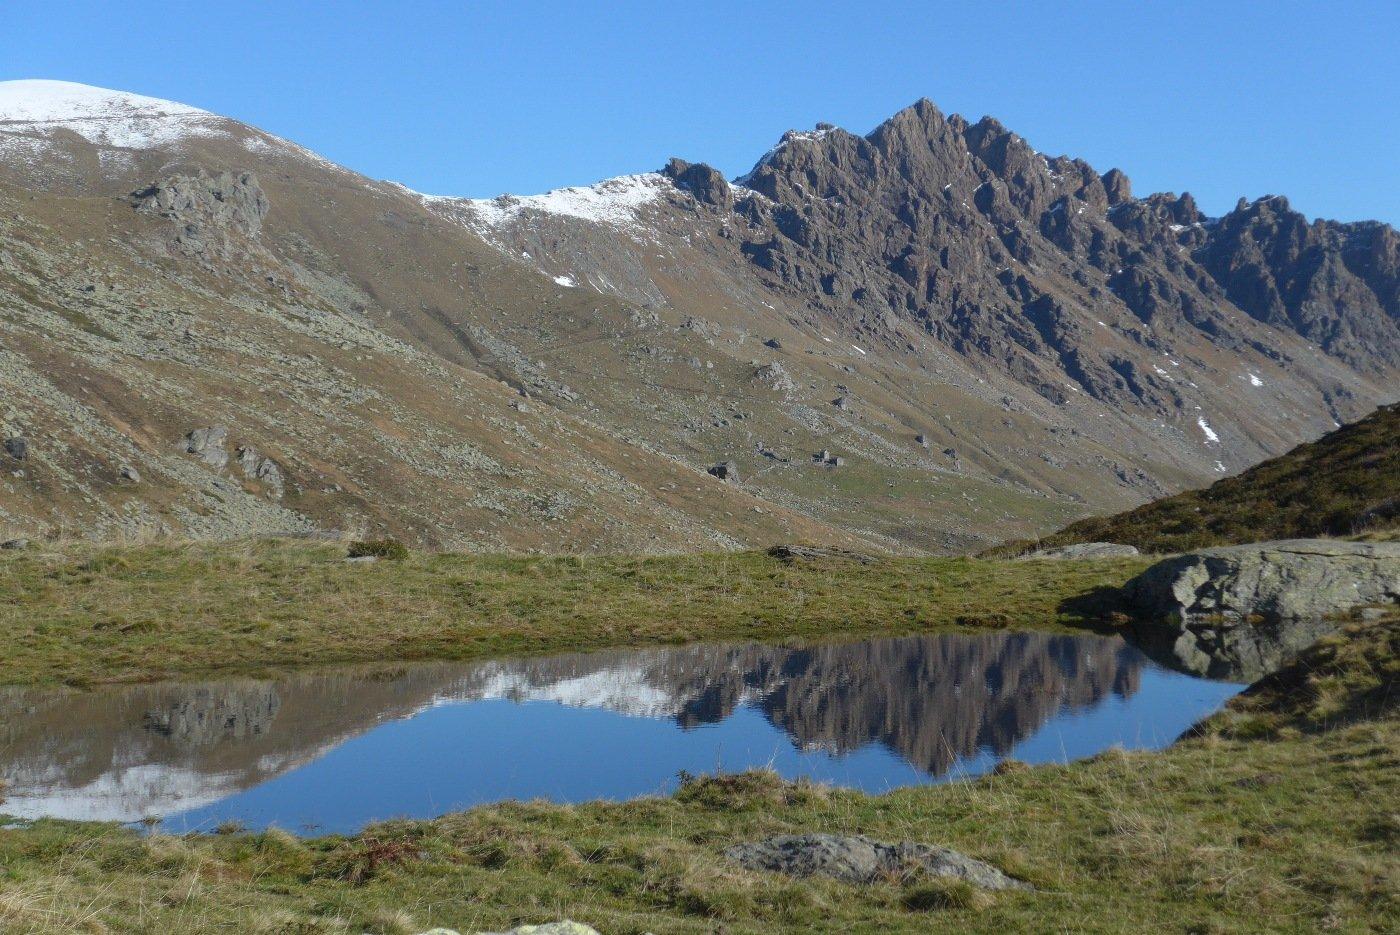 Al laghetto sopra la Rocca dell'Alpe